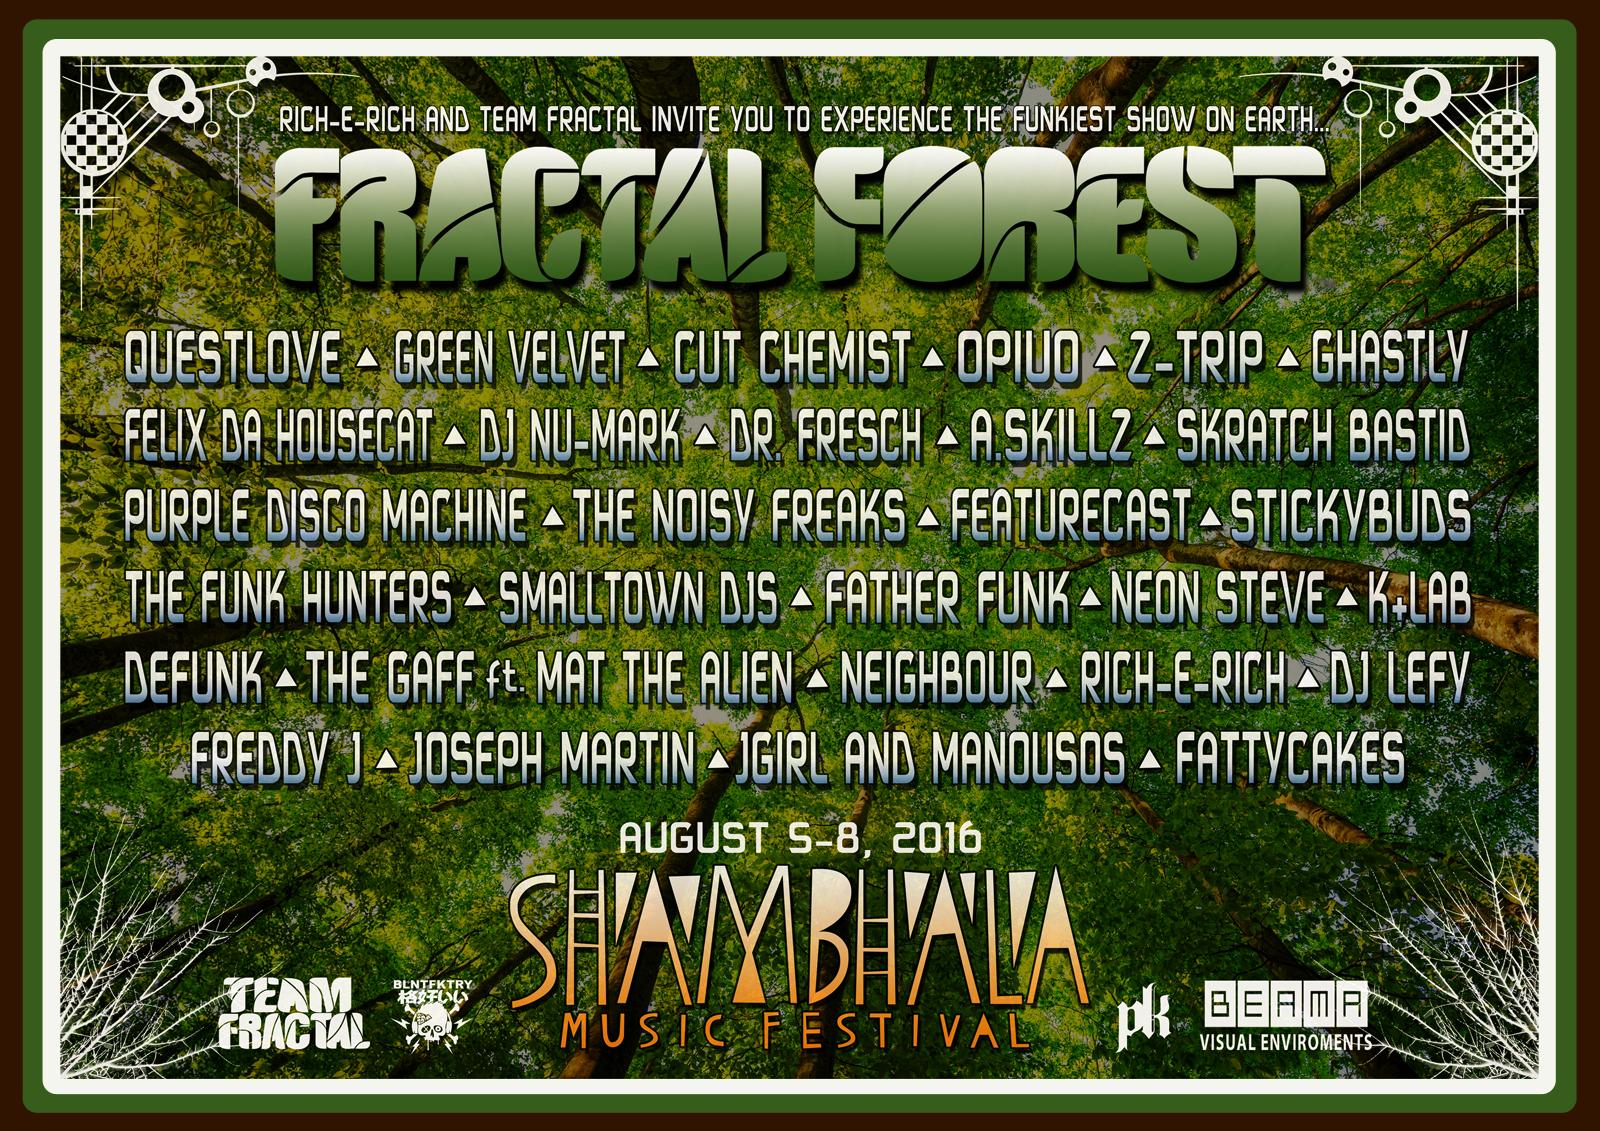 Image: Shambhala Music Festival